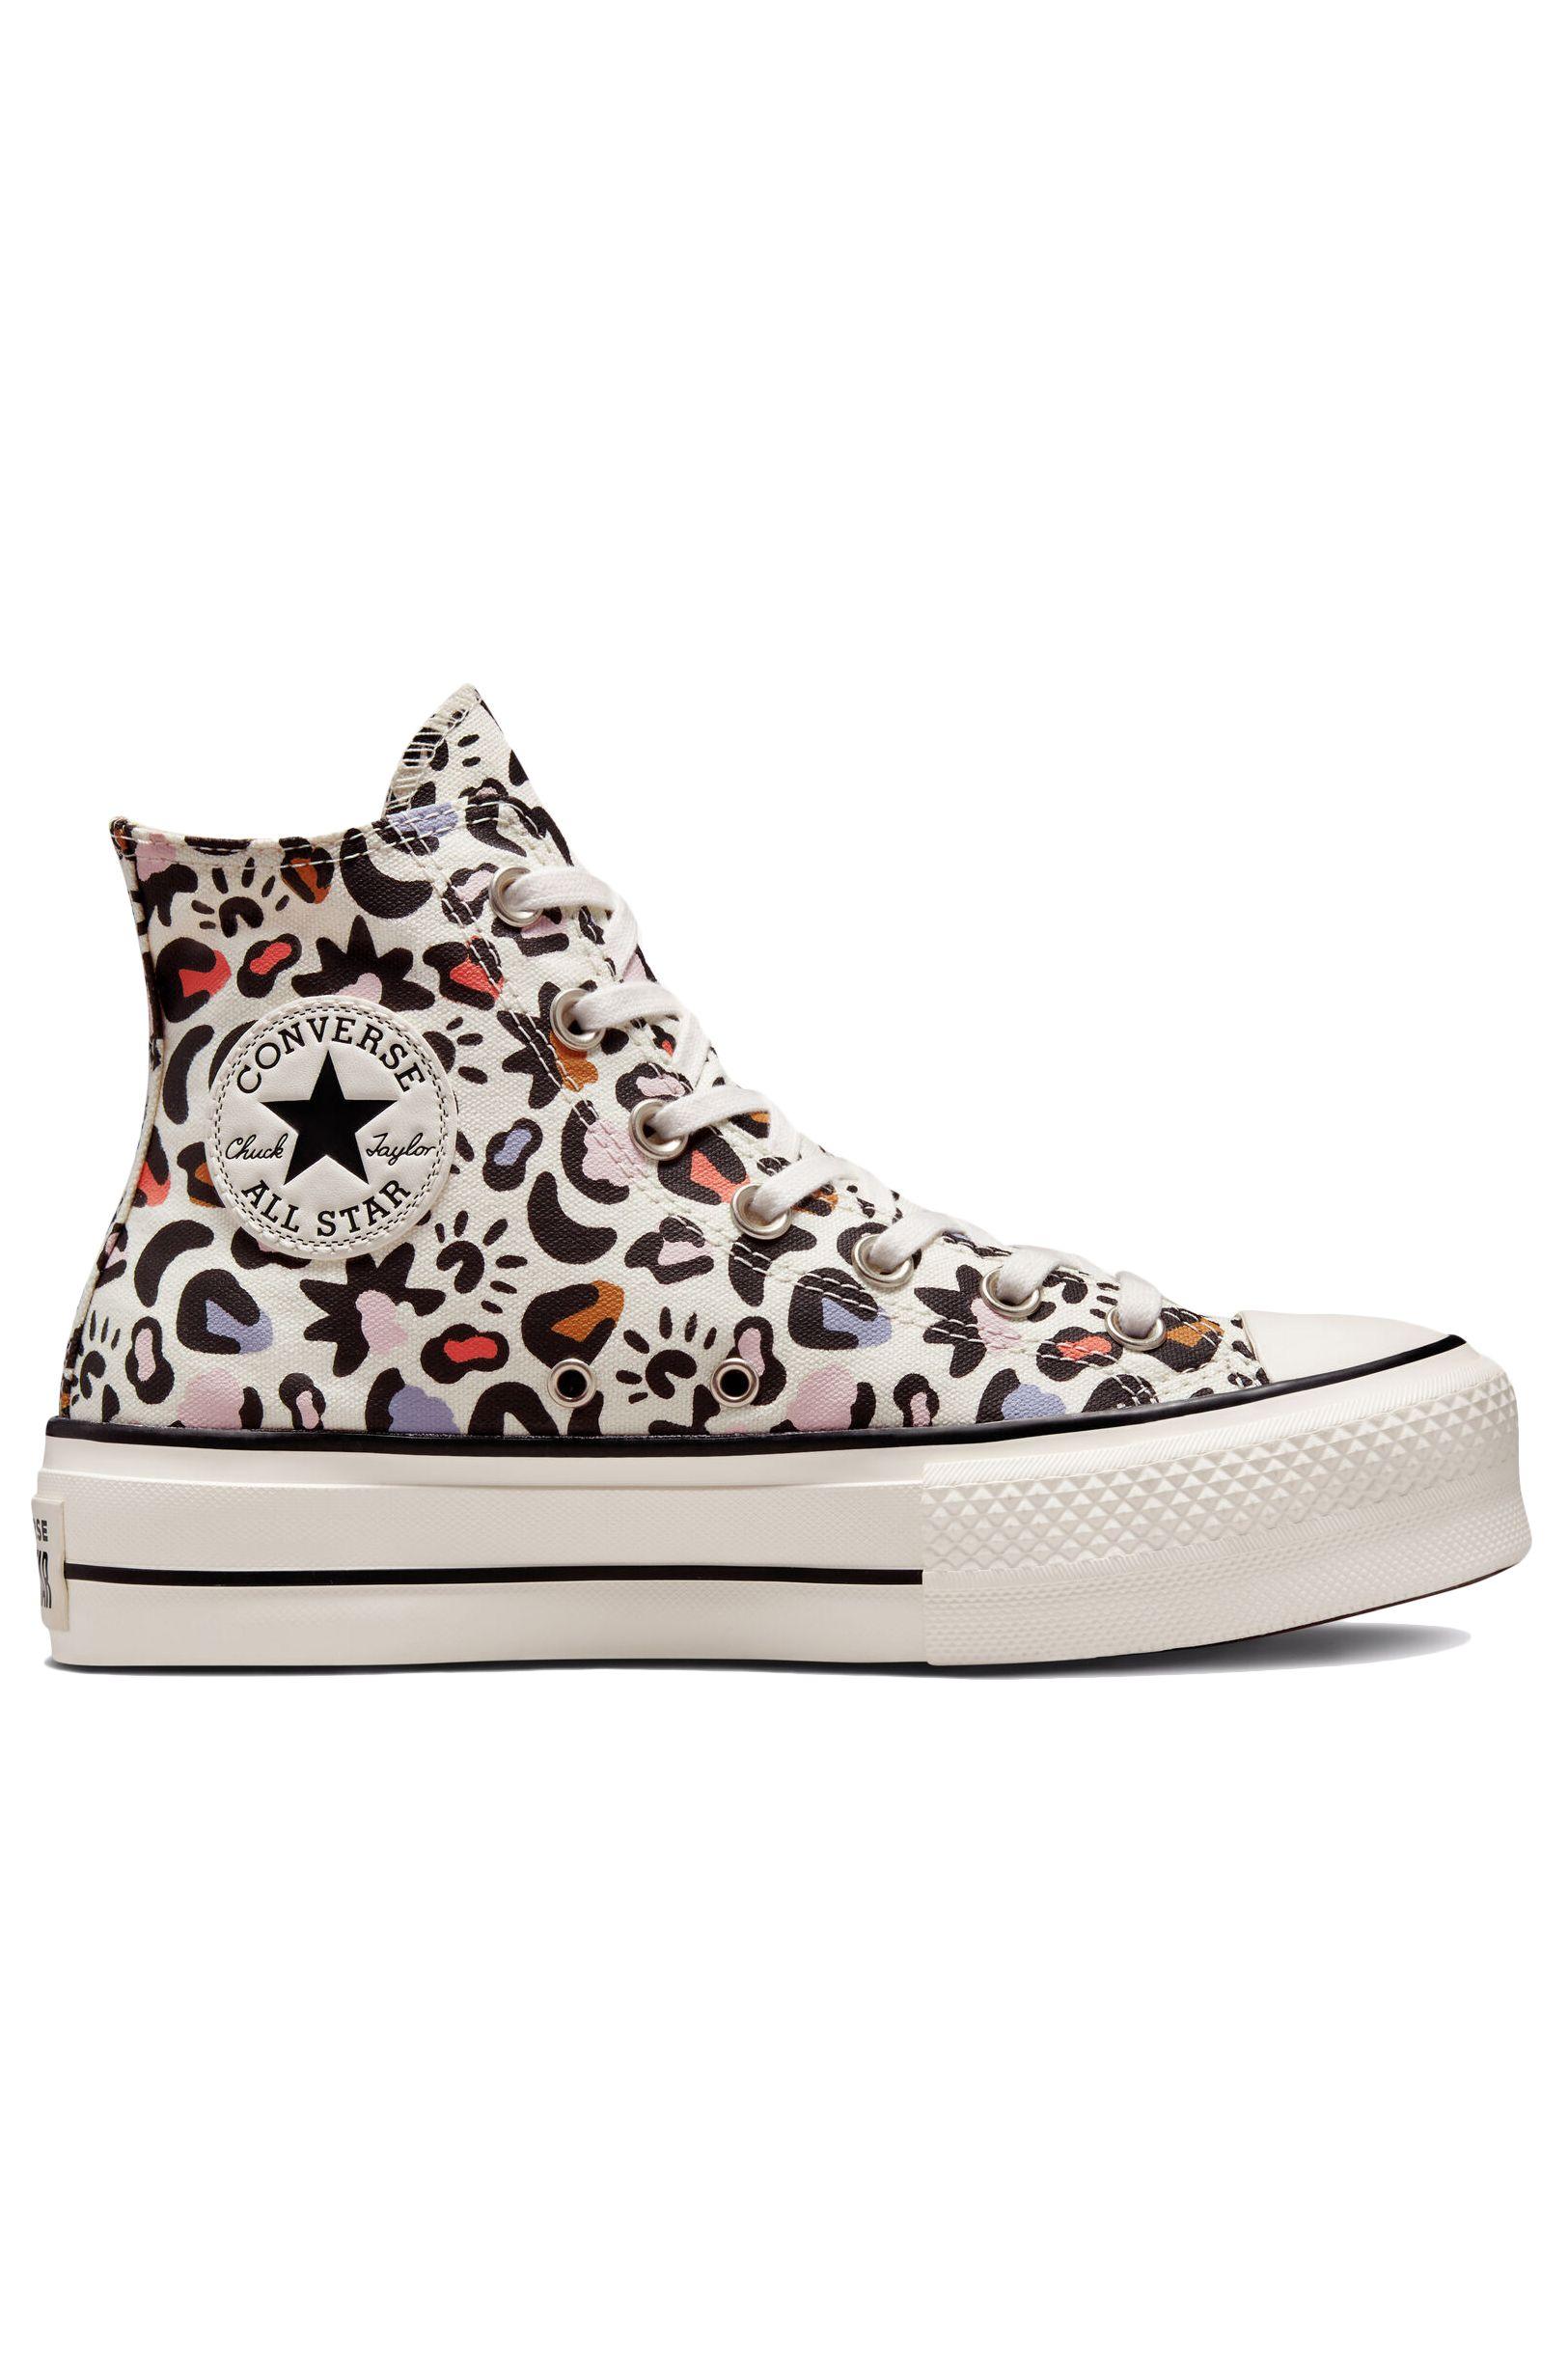 Converse Shoes CHUCK TAYLOR ALL STAR LIFT HI Egret/Multi/Black